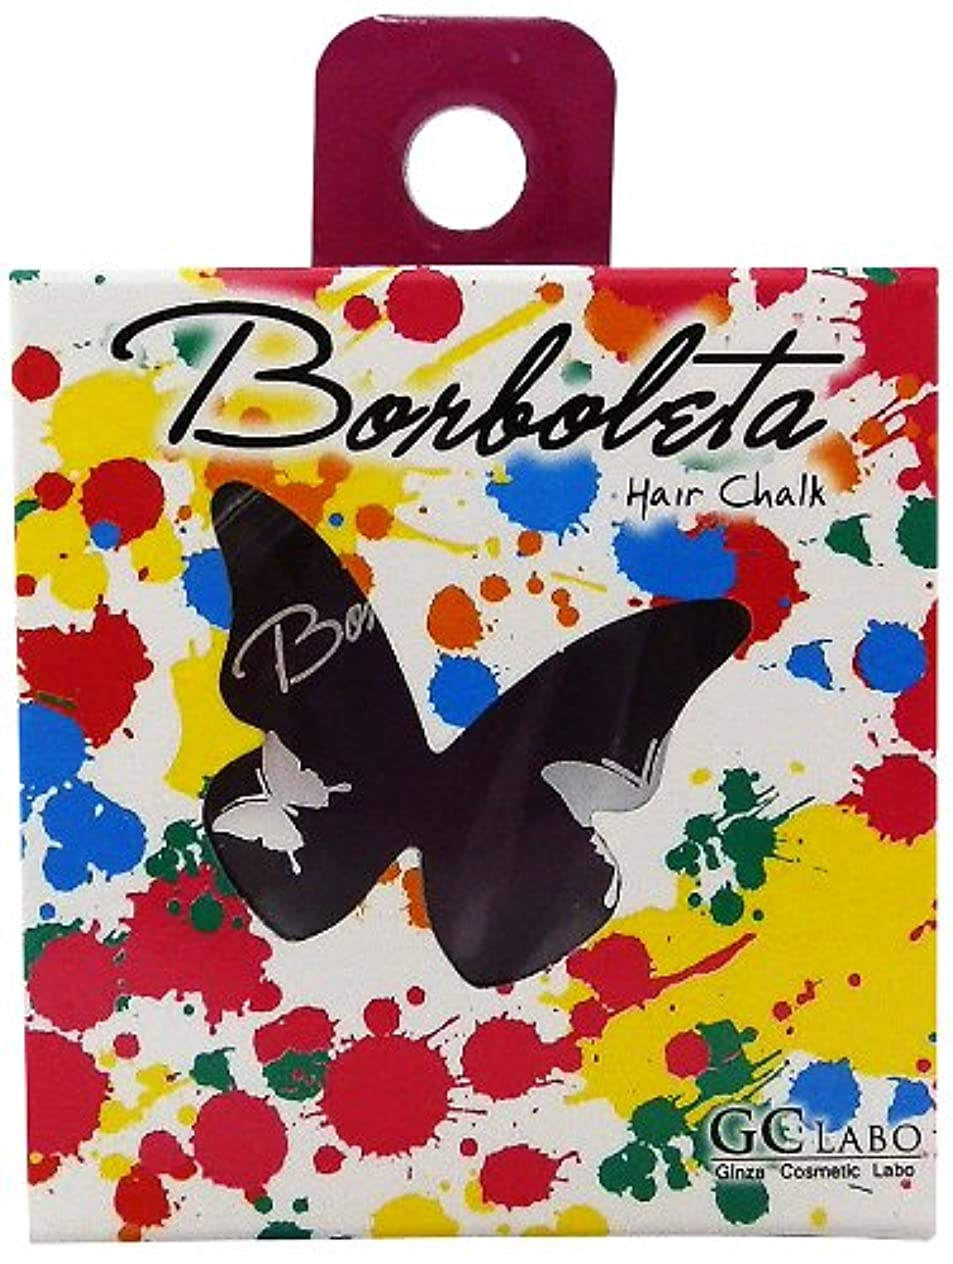 人差し指操作可能進化BorBoLeta(ボルボレッタ)ヘアカラーチョーク パープル